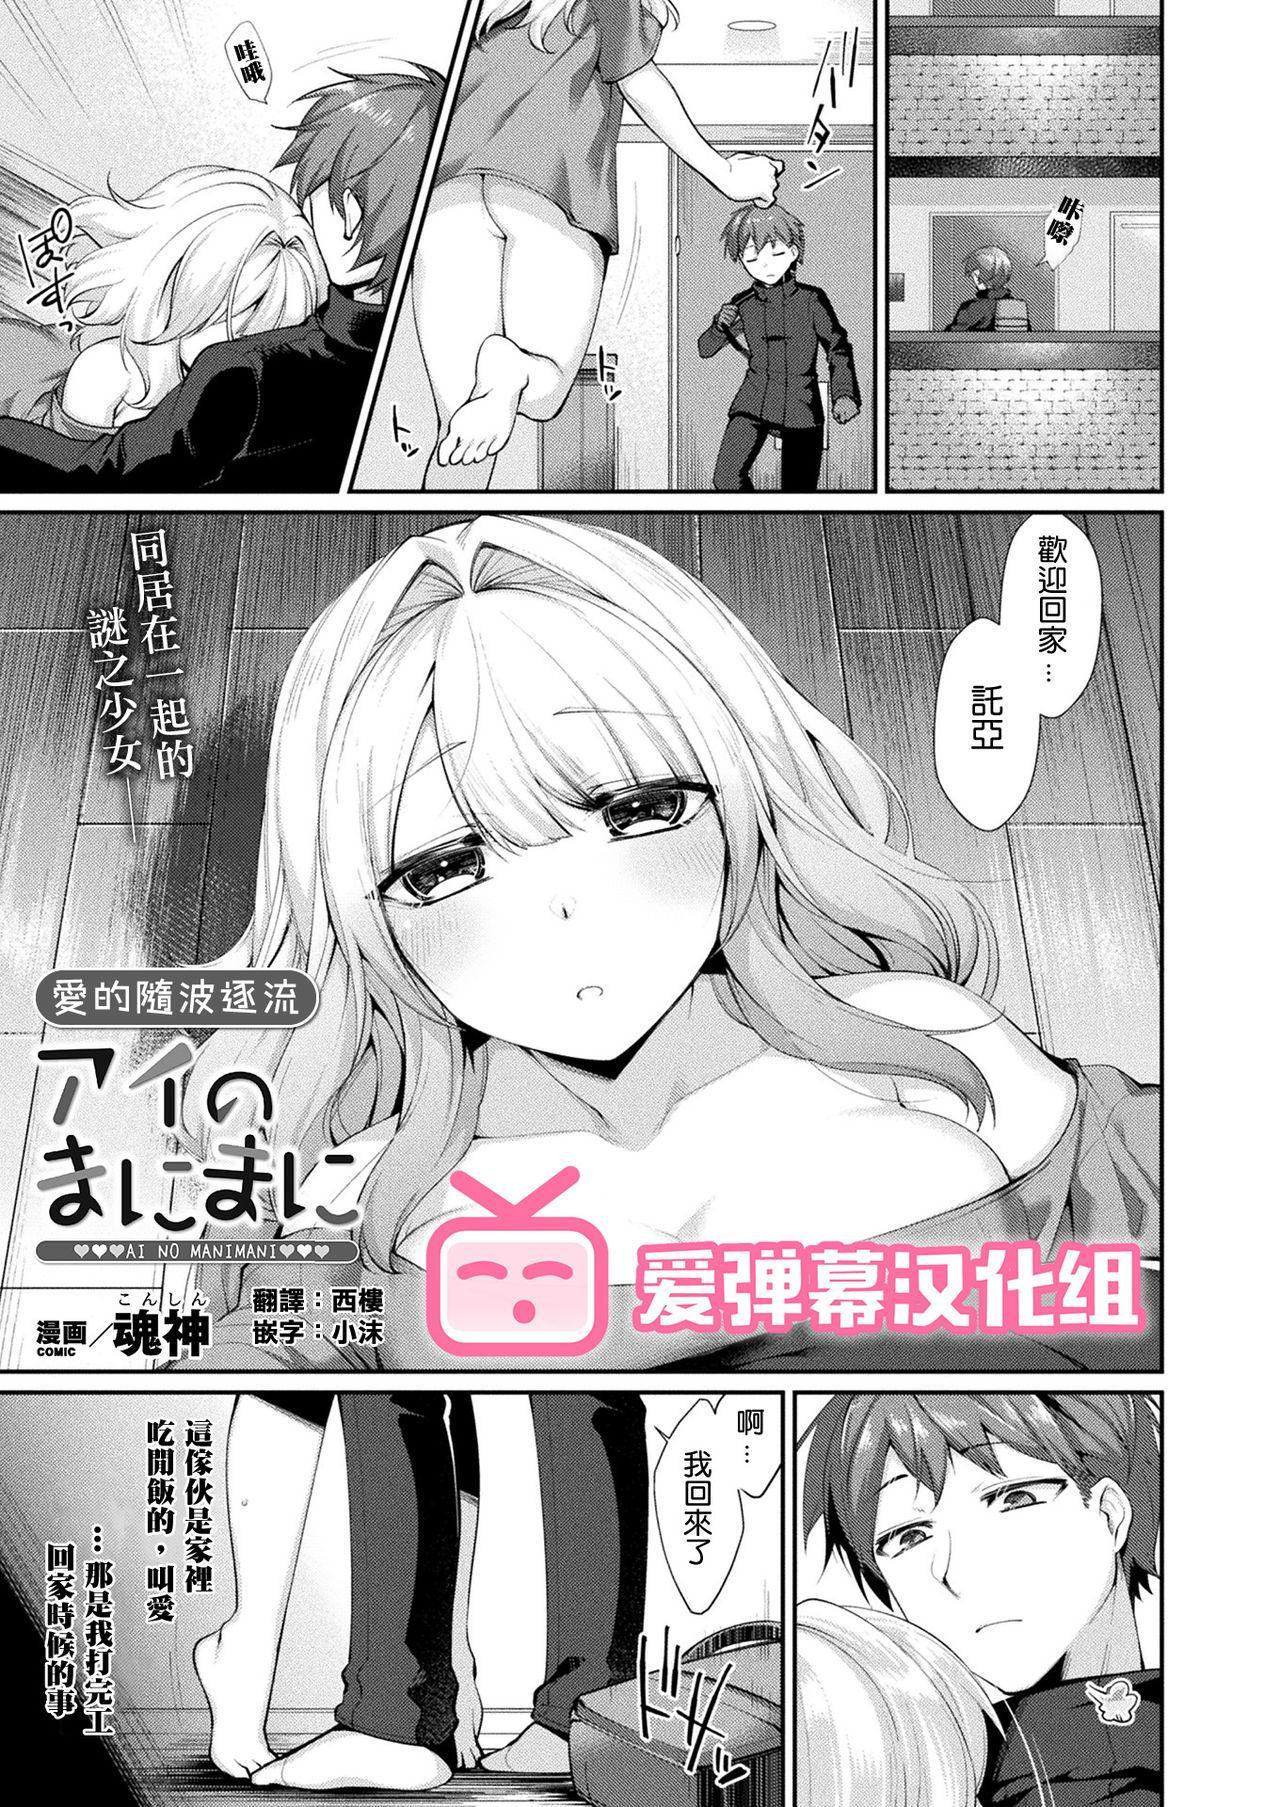 アイのまにまに [魂神] (コミックアンリアル 2021年4月号 Vol.90) [DL版] [中国翻訳] 0